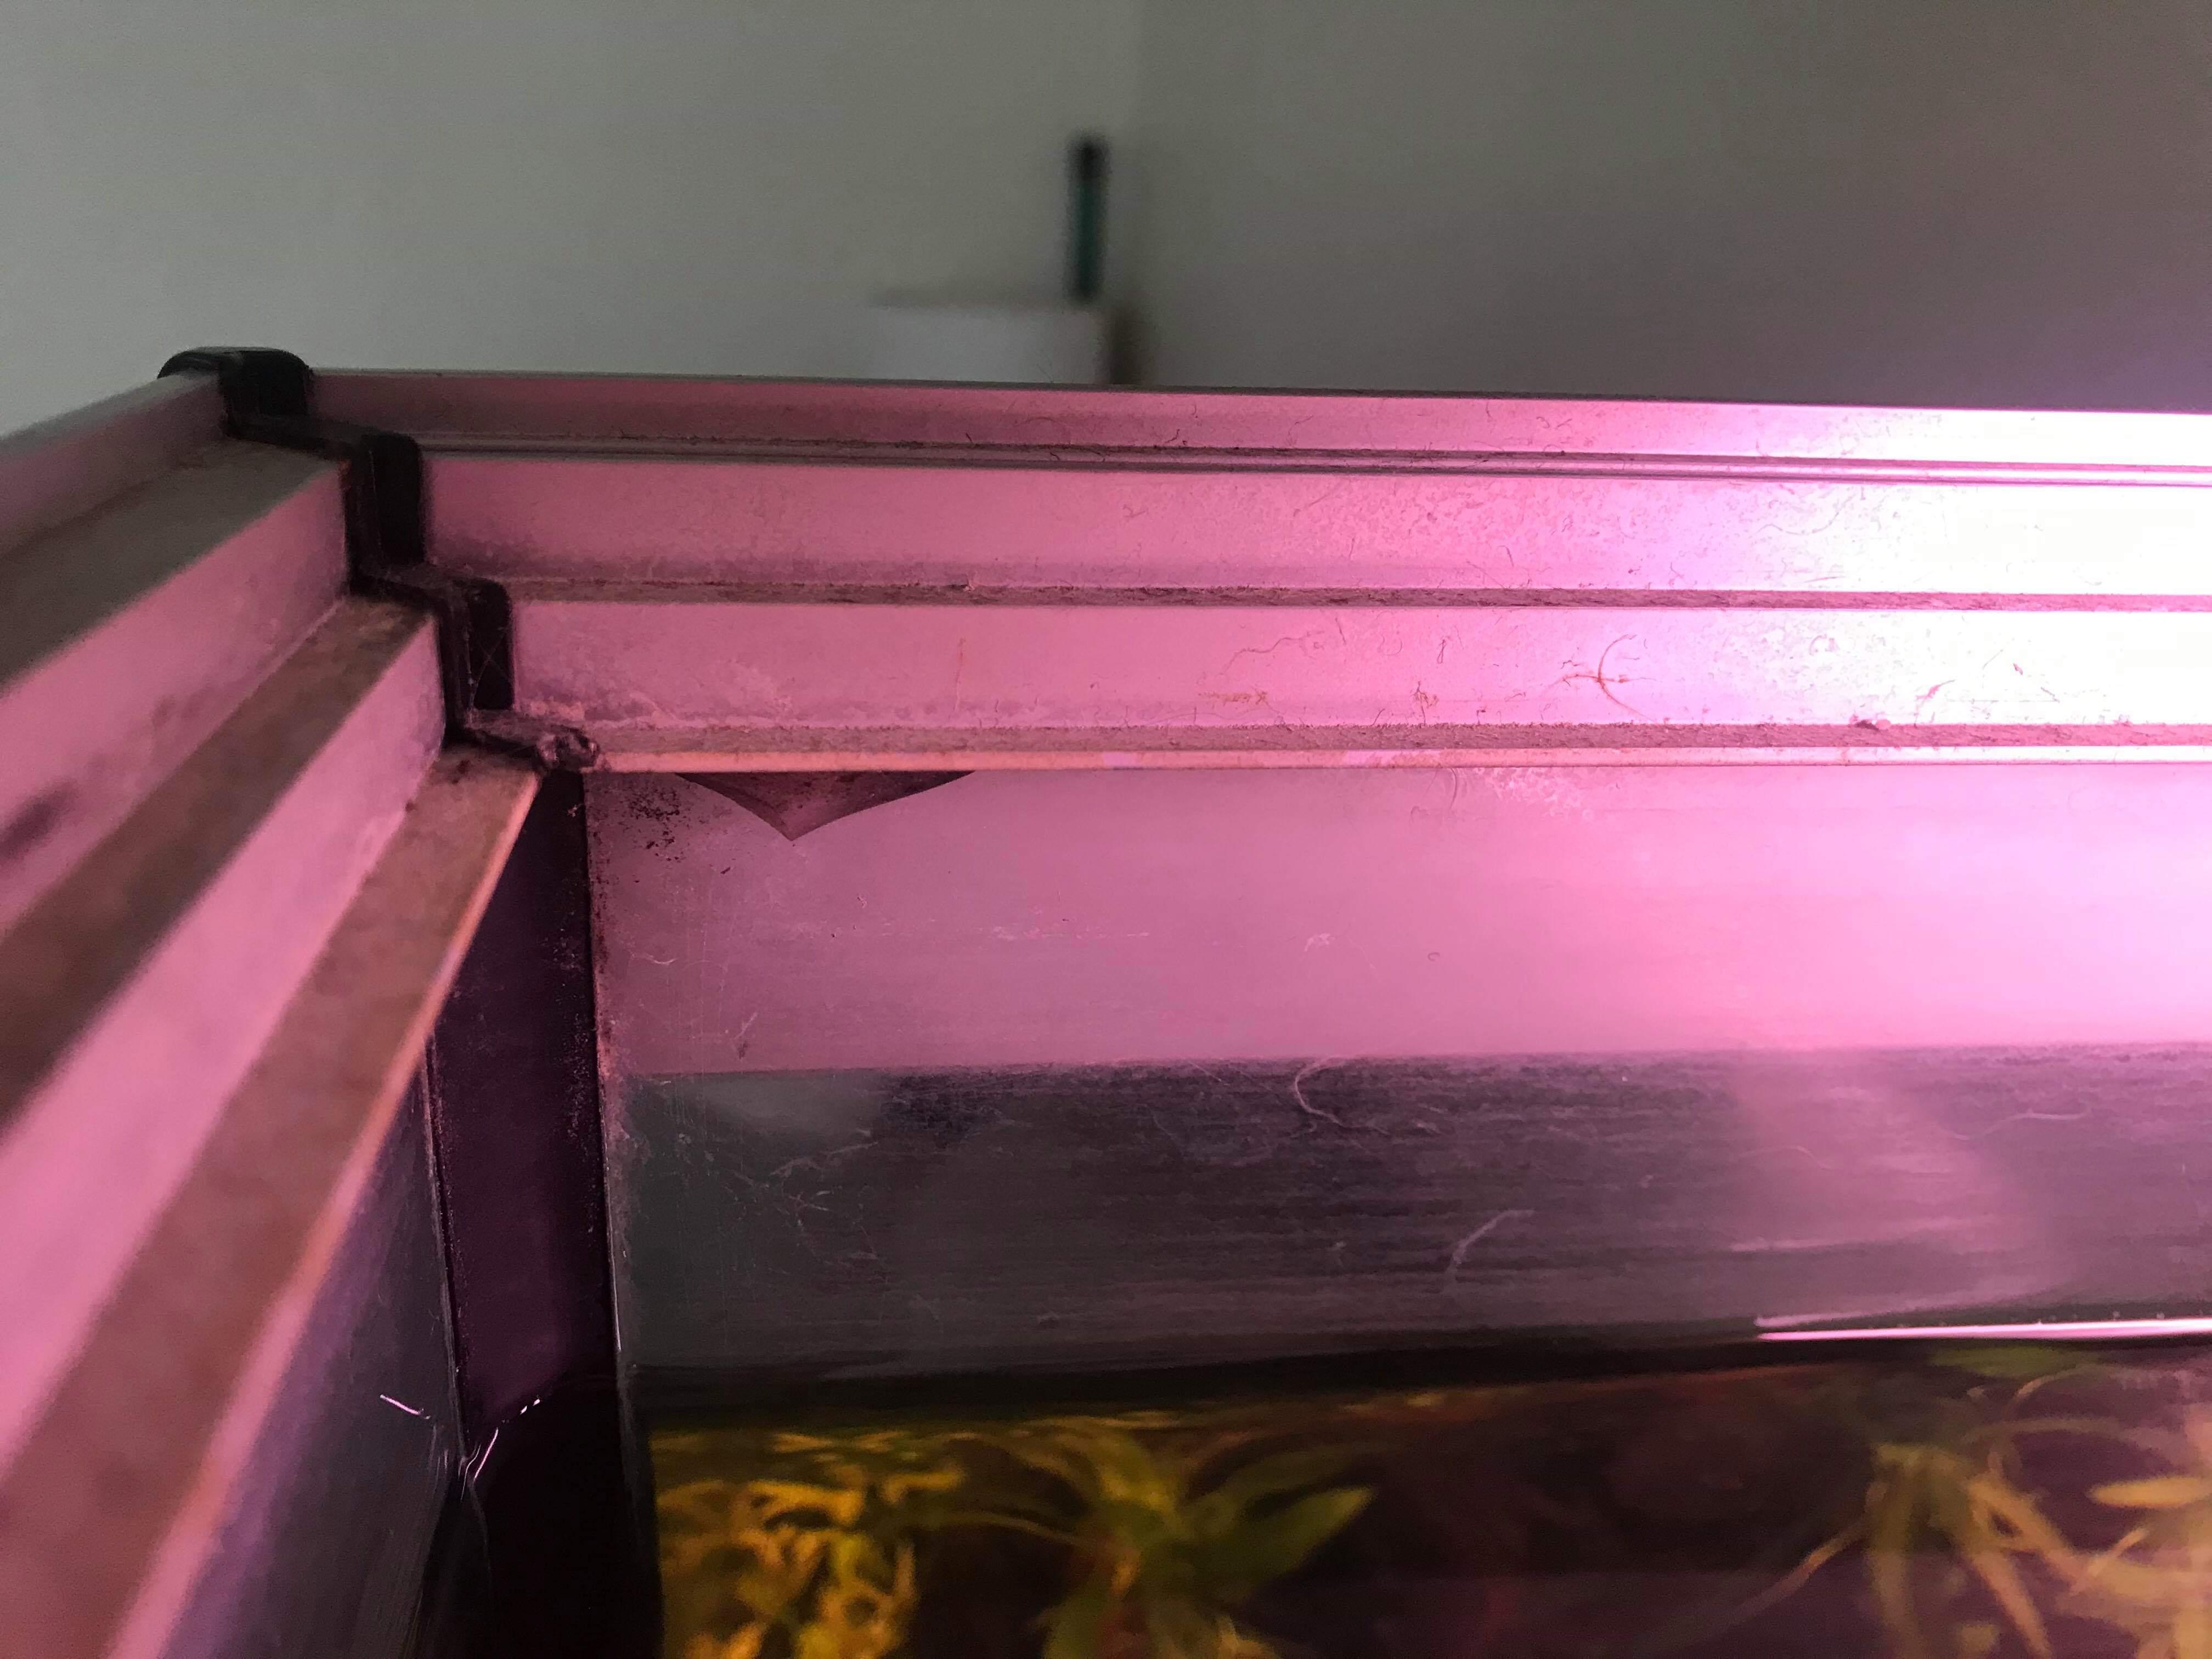 Couvercle d'aquarium démontable ?  1548334186-received-386017988610977